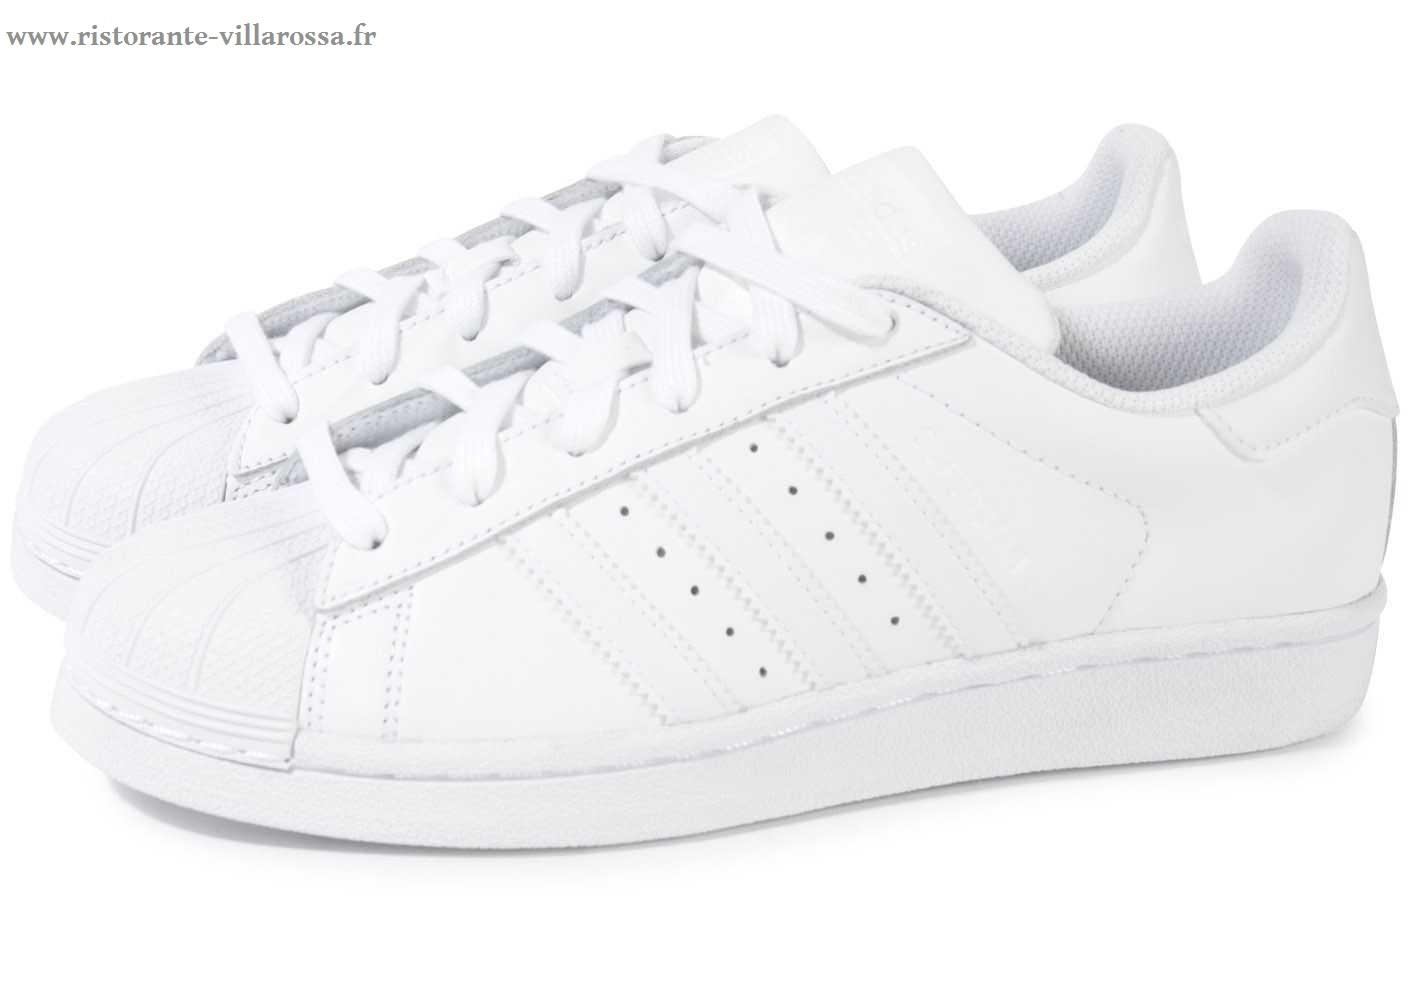 adidas blanche femme superstar magasin en ligne 63% de ...